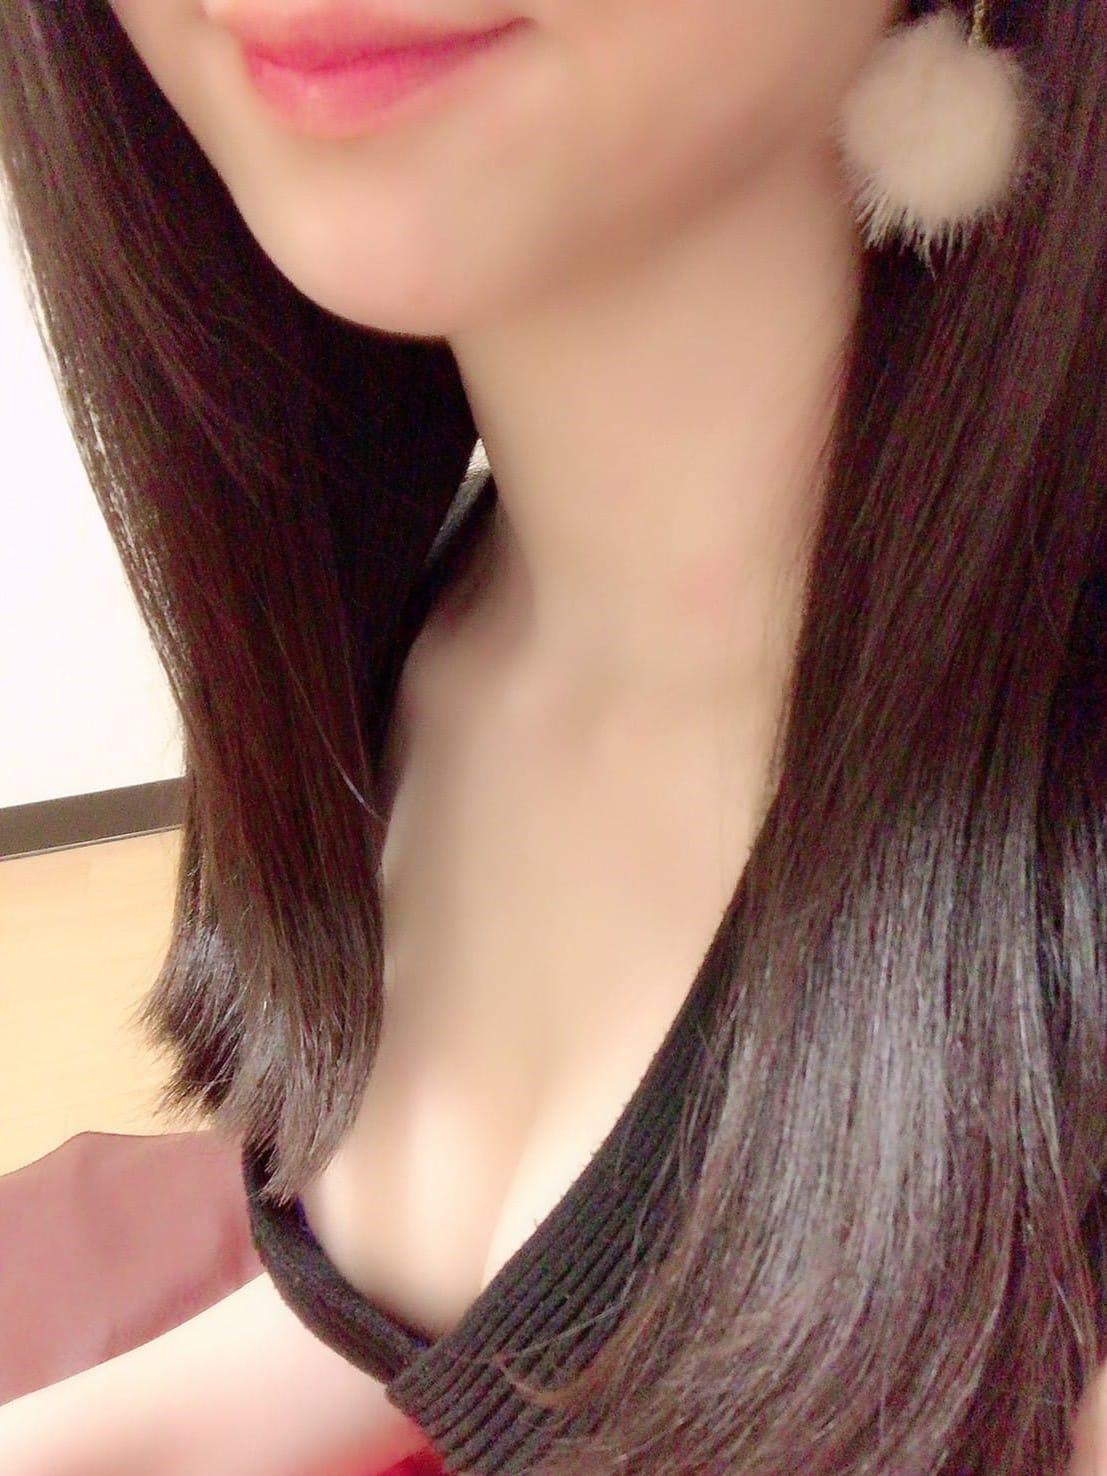 水嶋みずき | らんぷグループ立川店()